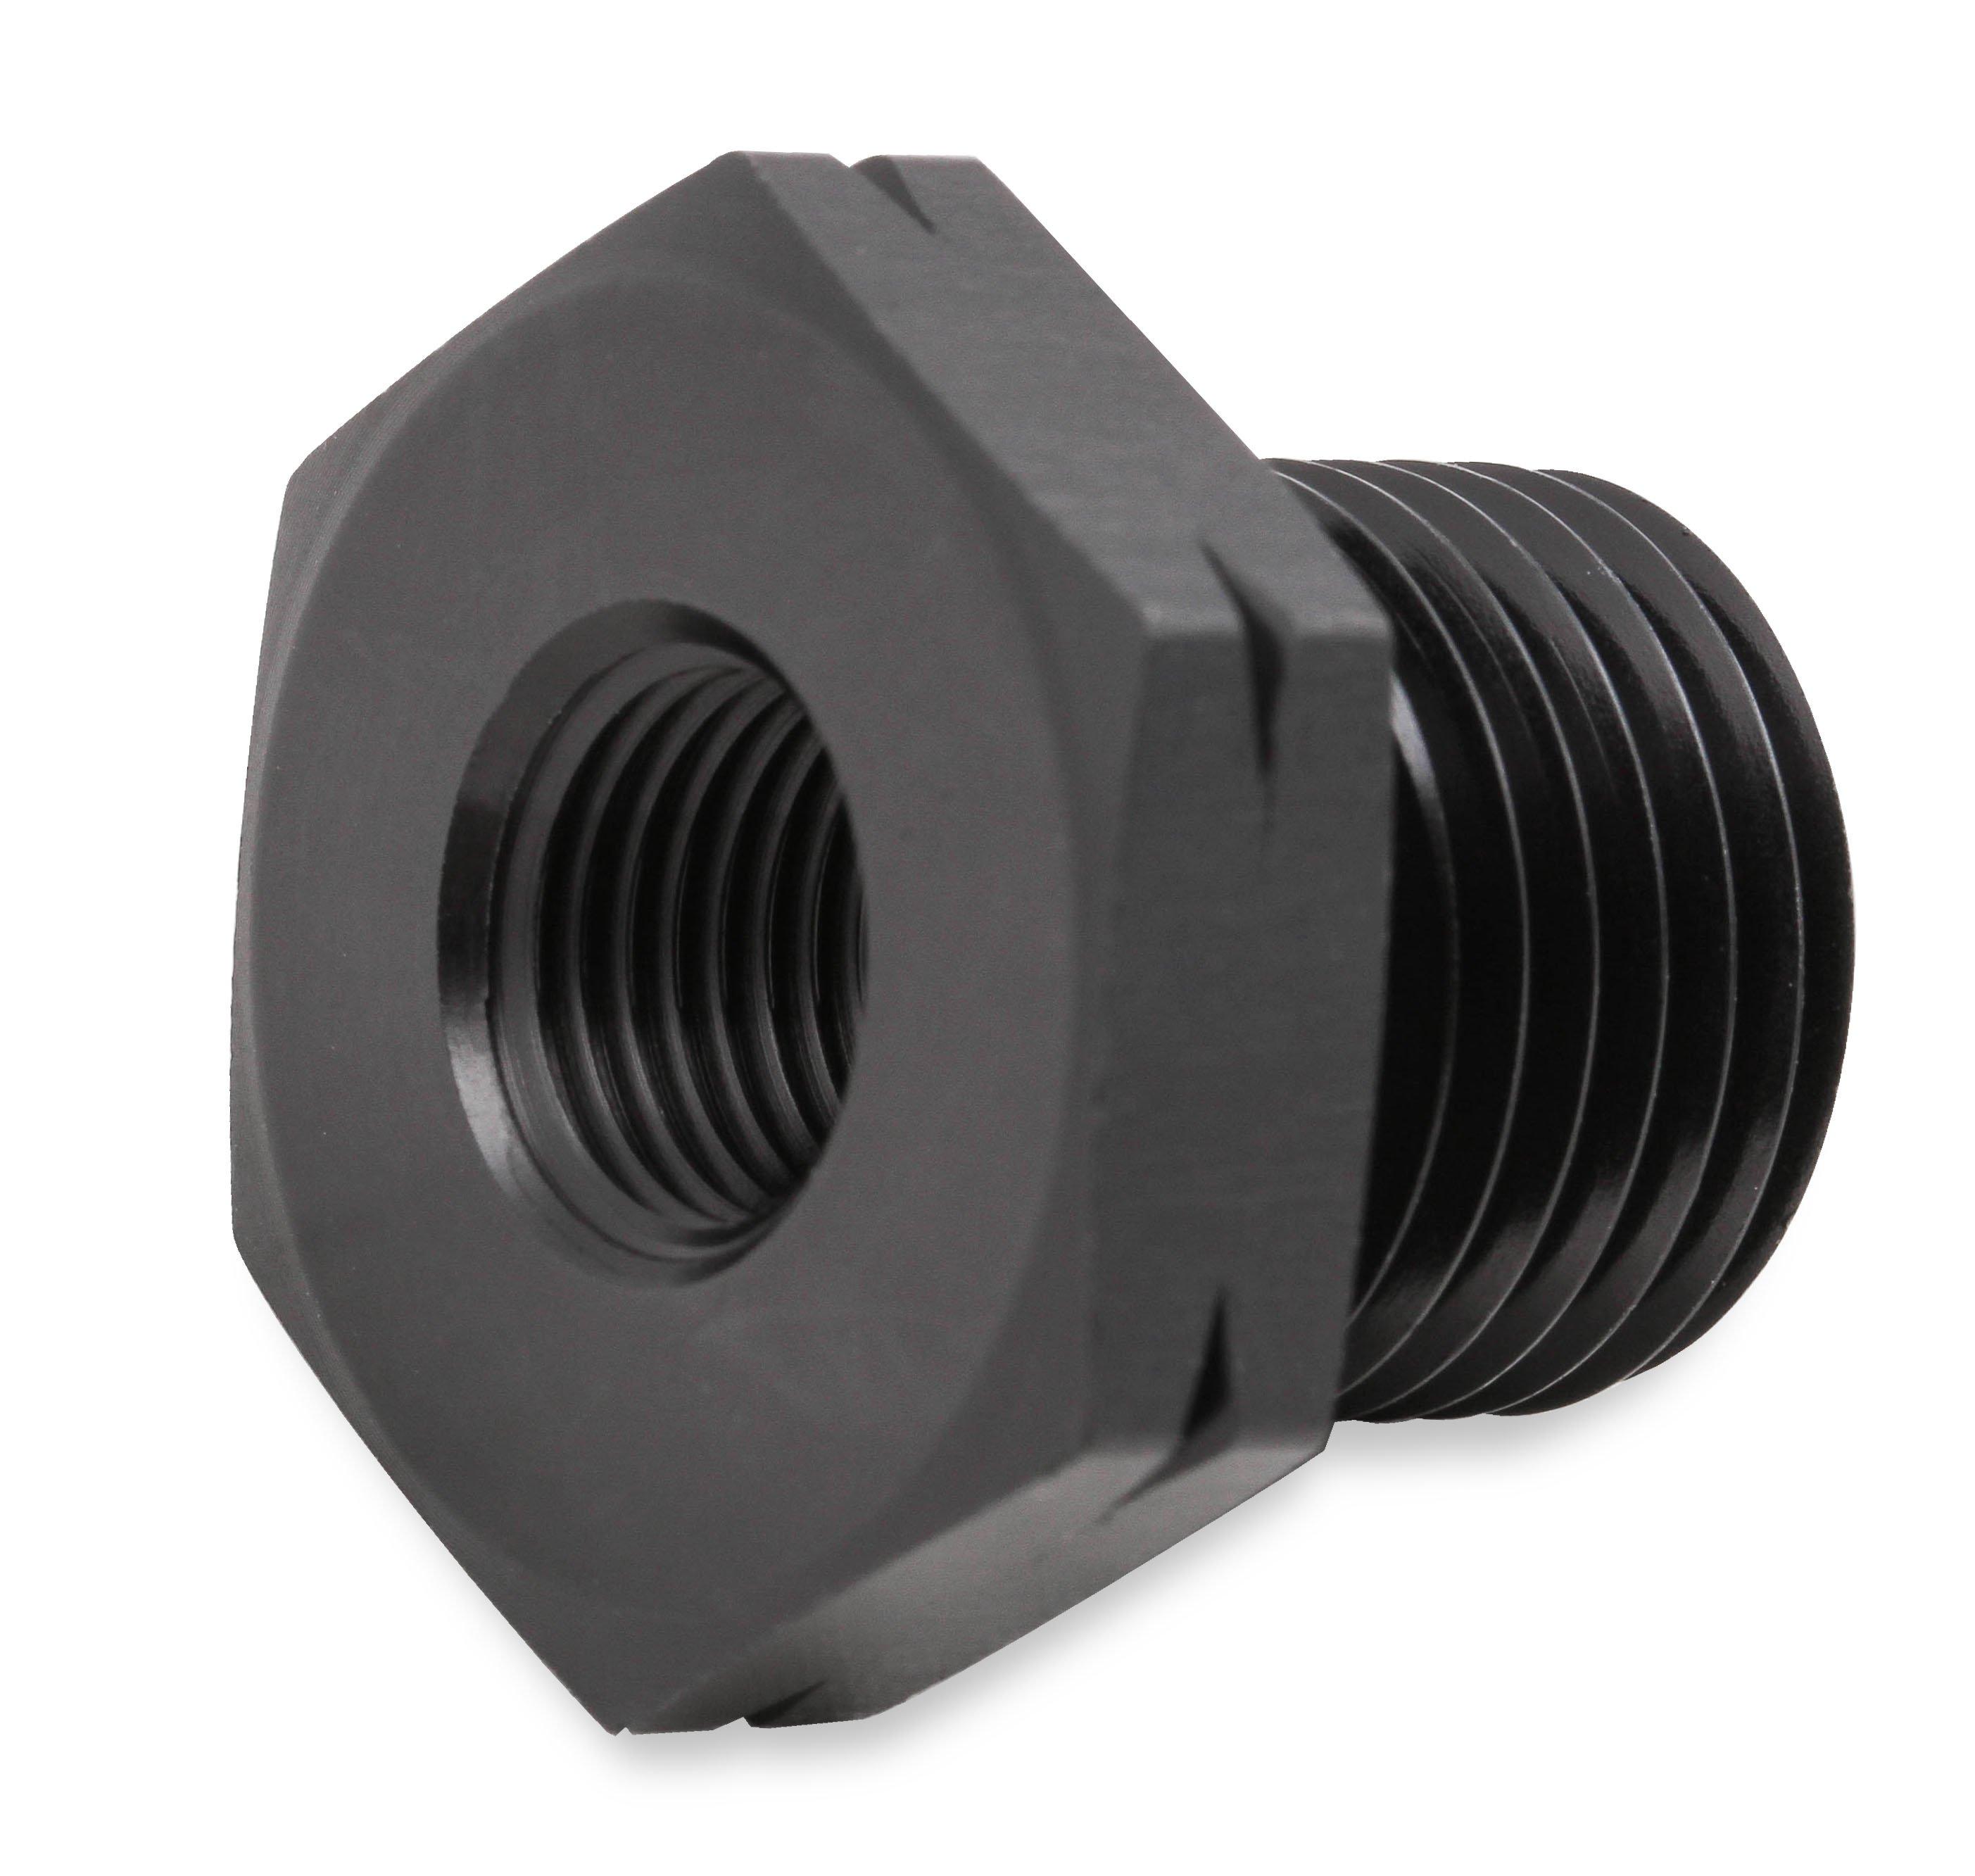 Earl's GM LS Oil Pressure Gauge Adapter Fittings